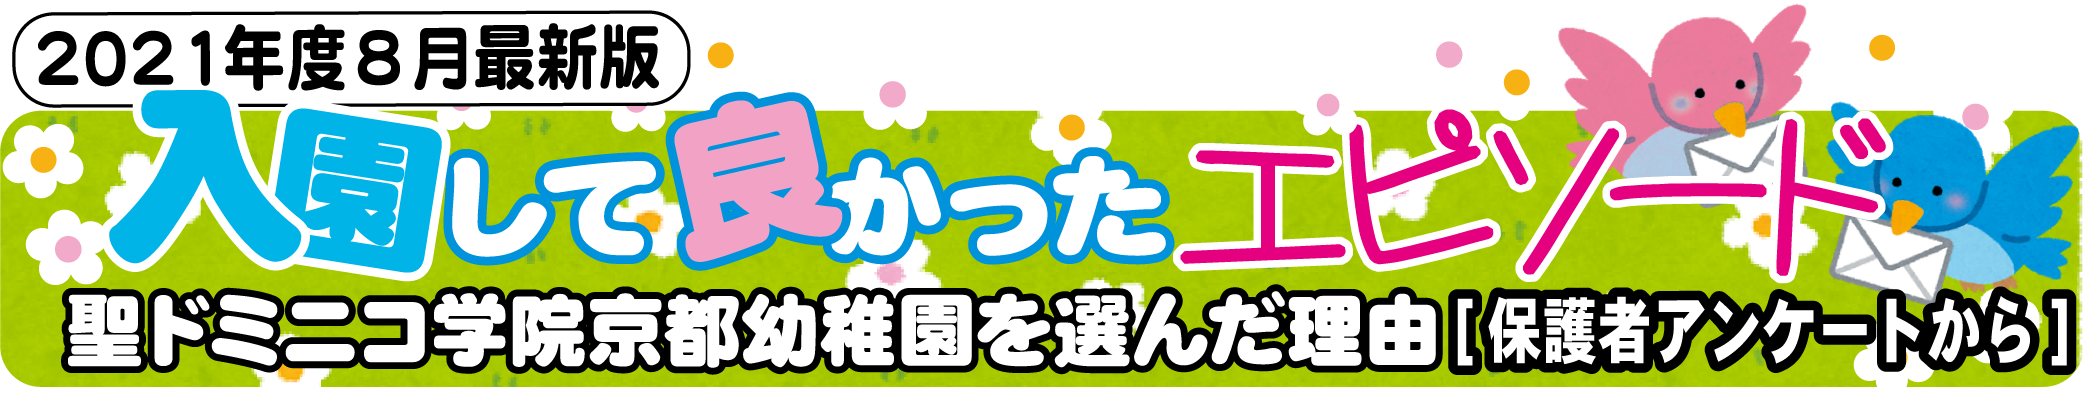 入園してよかったエピソード 聖ドミニコ学院京都幼稚園を選んだ理由